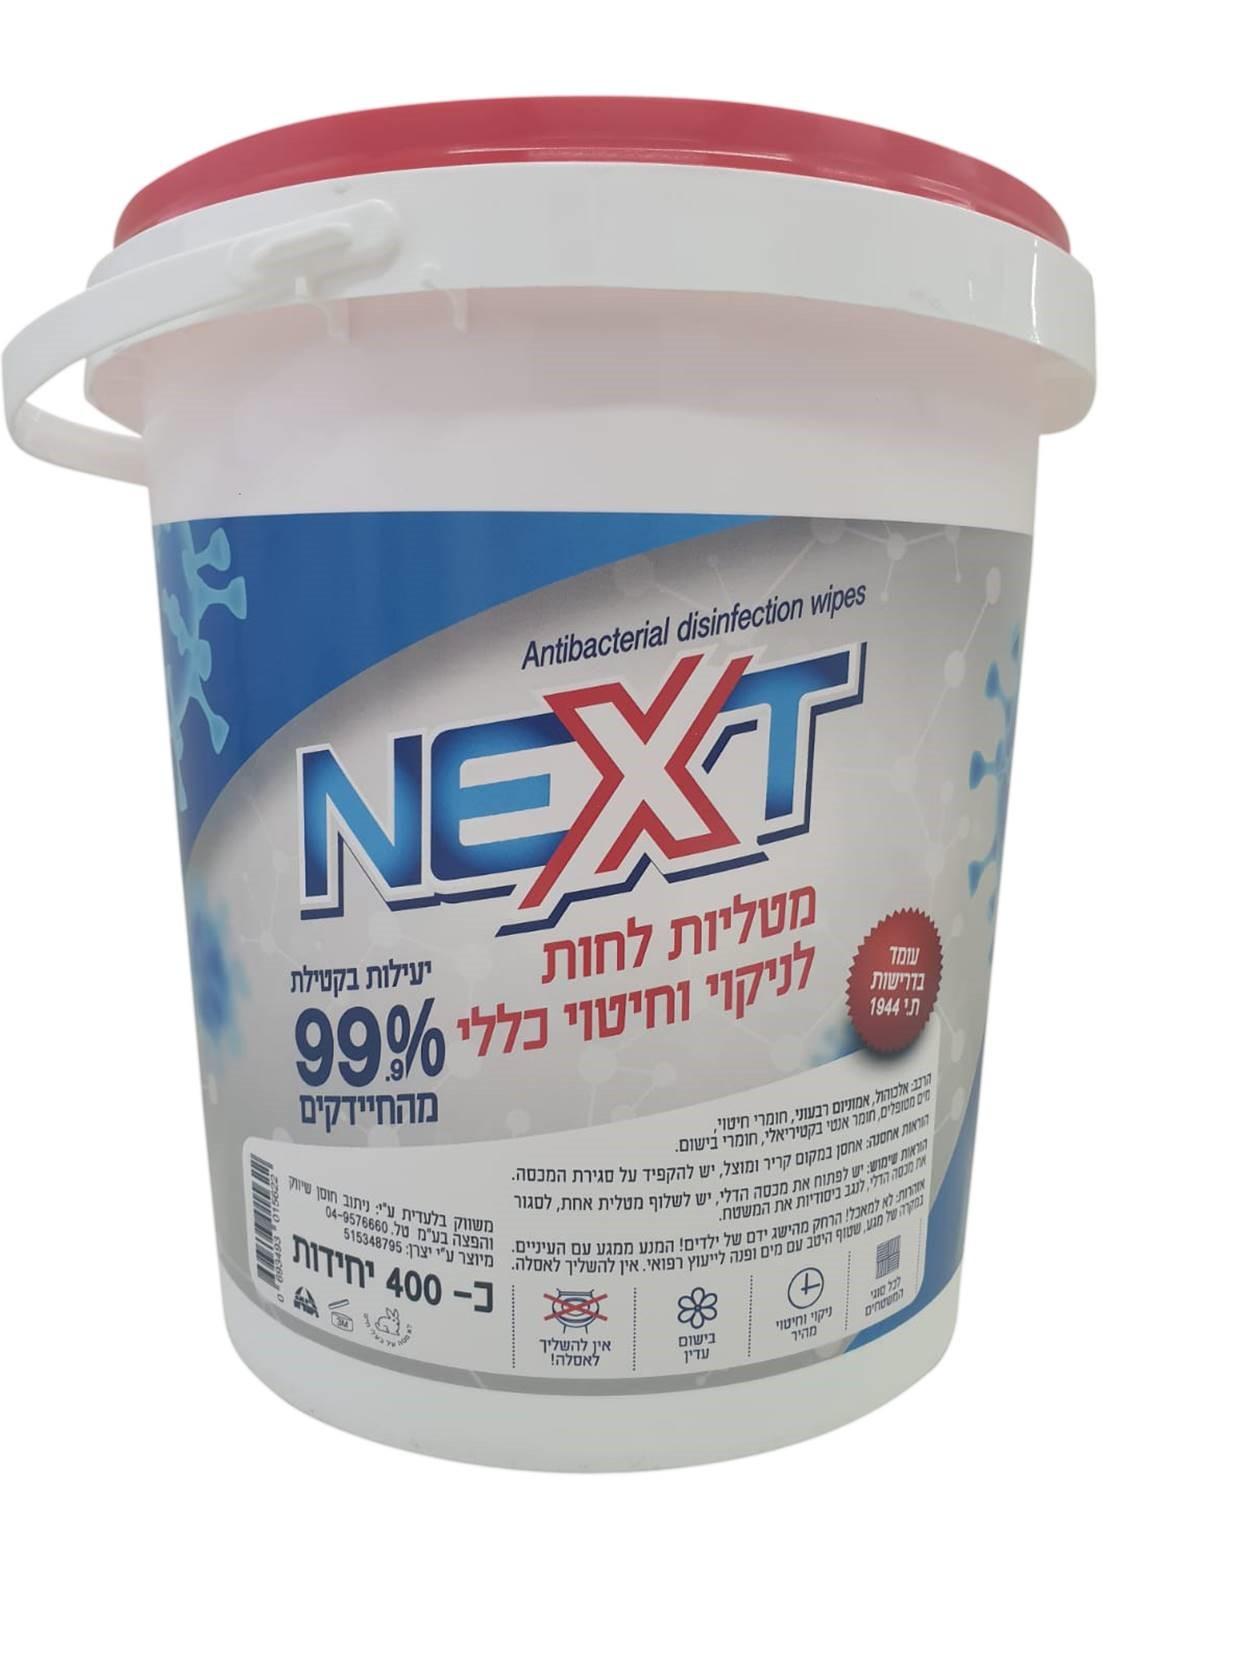 מטליות לחיטוי בדלי 99.9% 400 יח'(מגבונים)